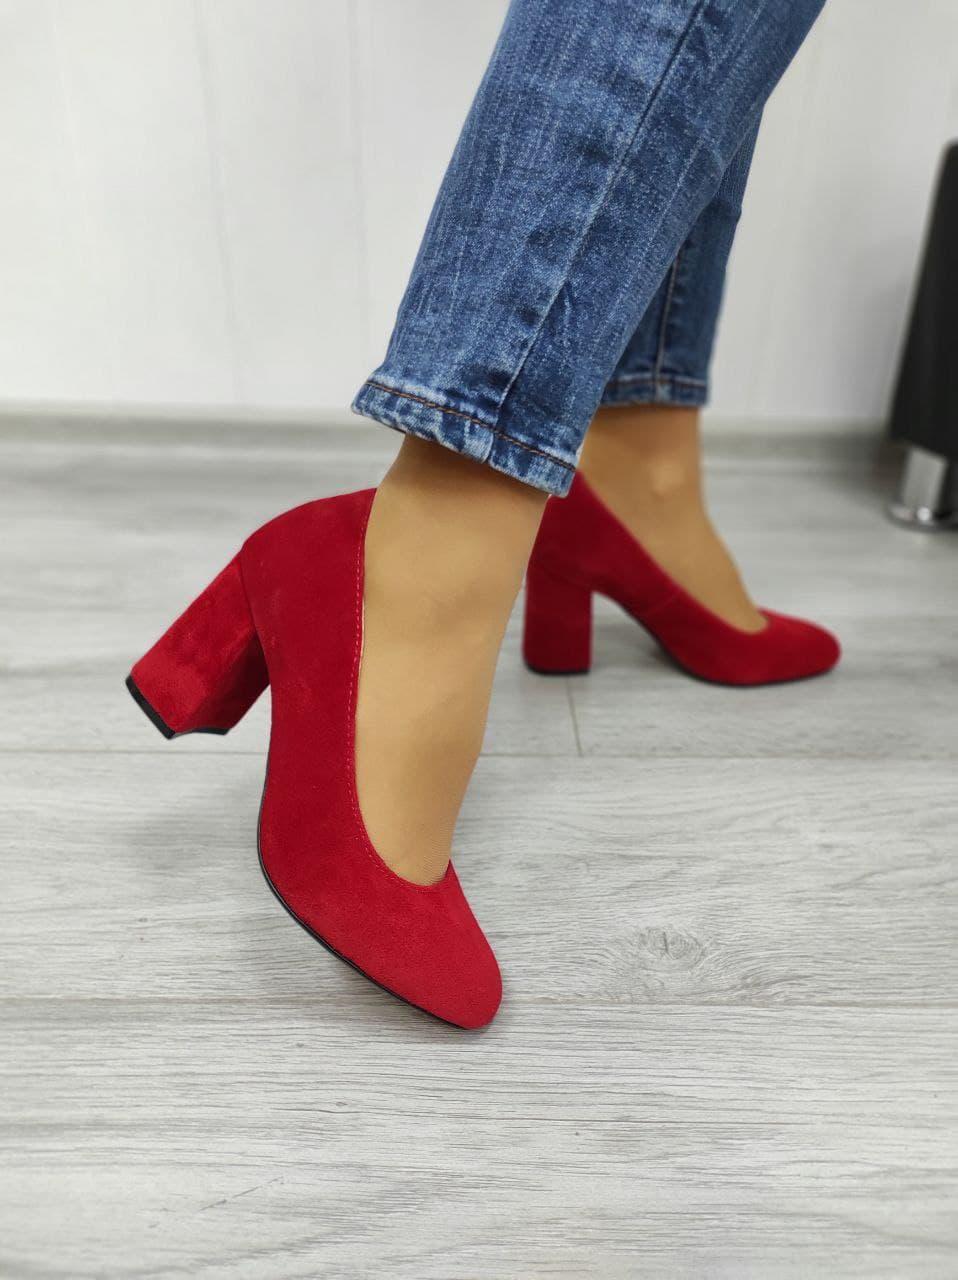 Червоні замшеві туфлі накаблуке